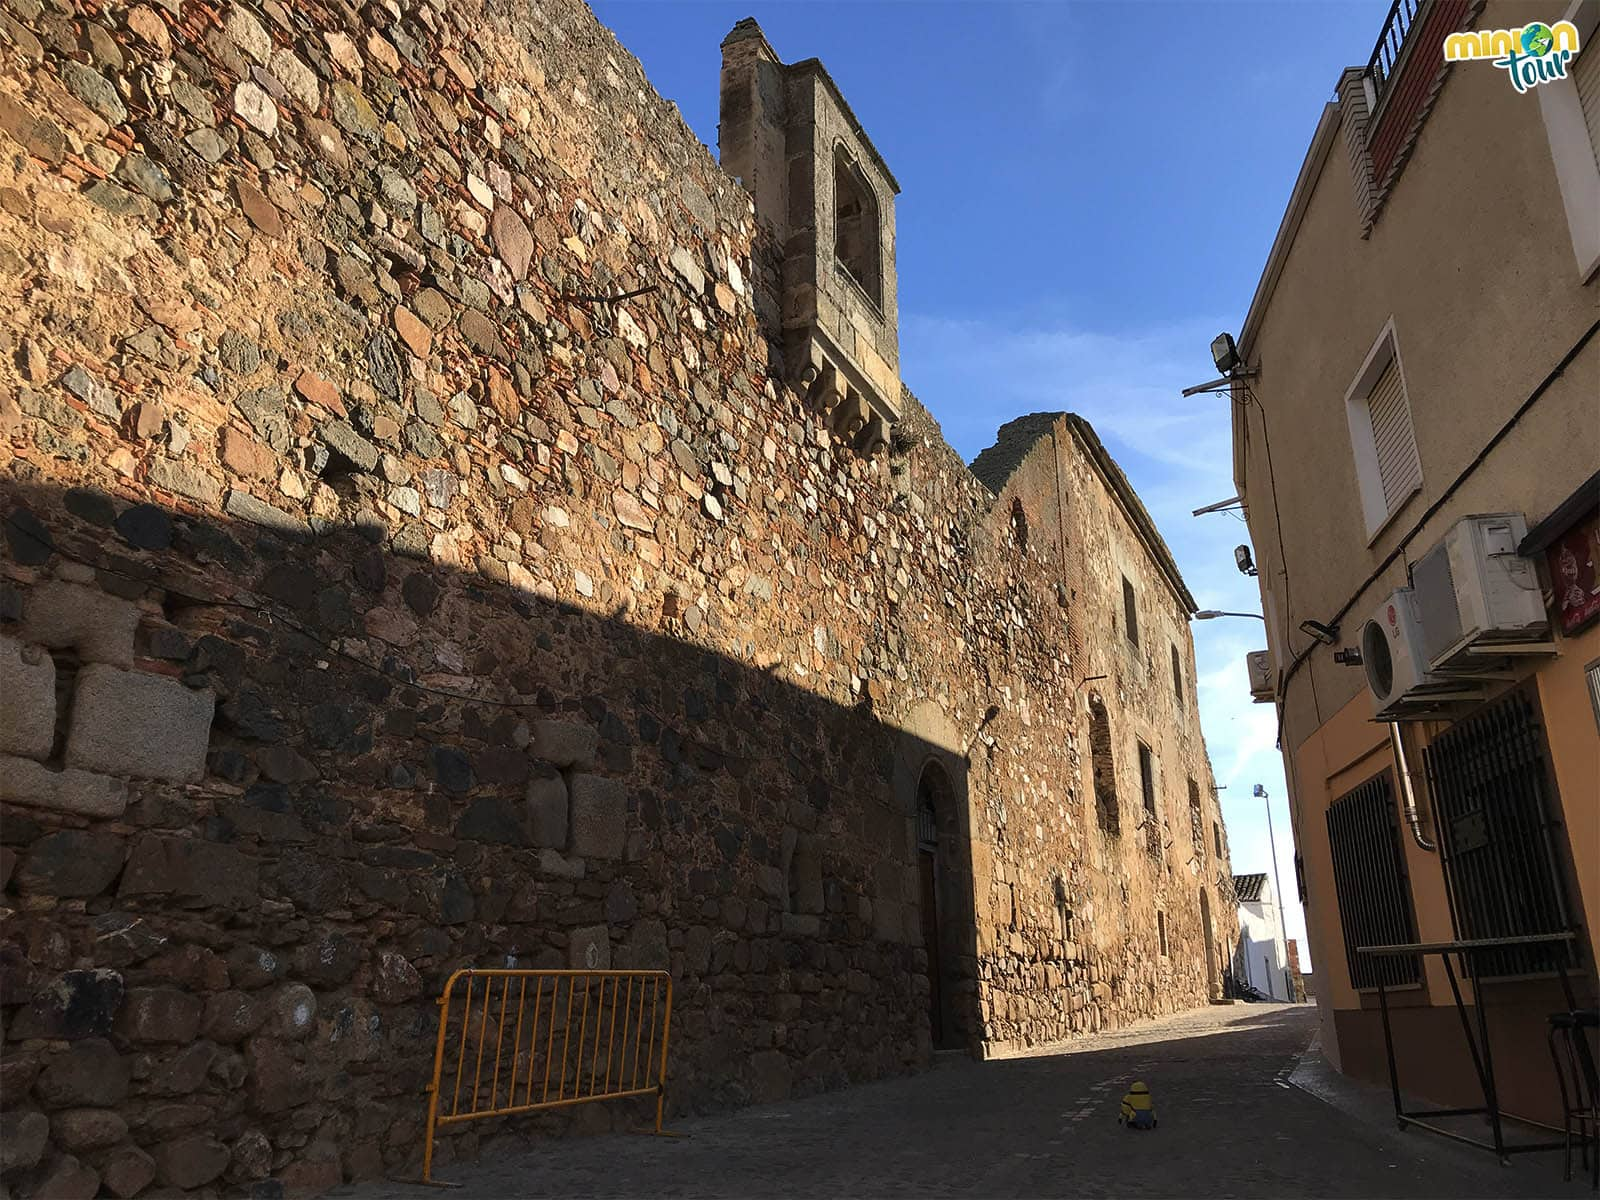 Castillo de Arribalavilla, otra de los sitios que tienes que ver en Zalamea de la Serena